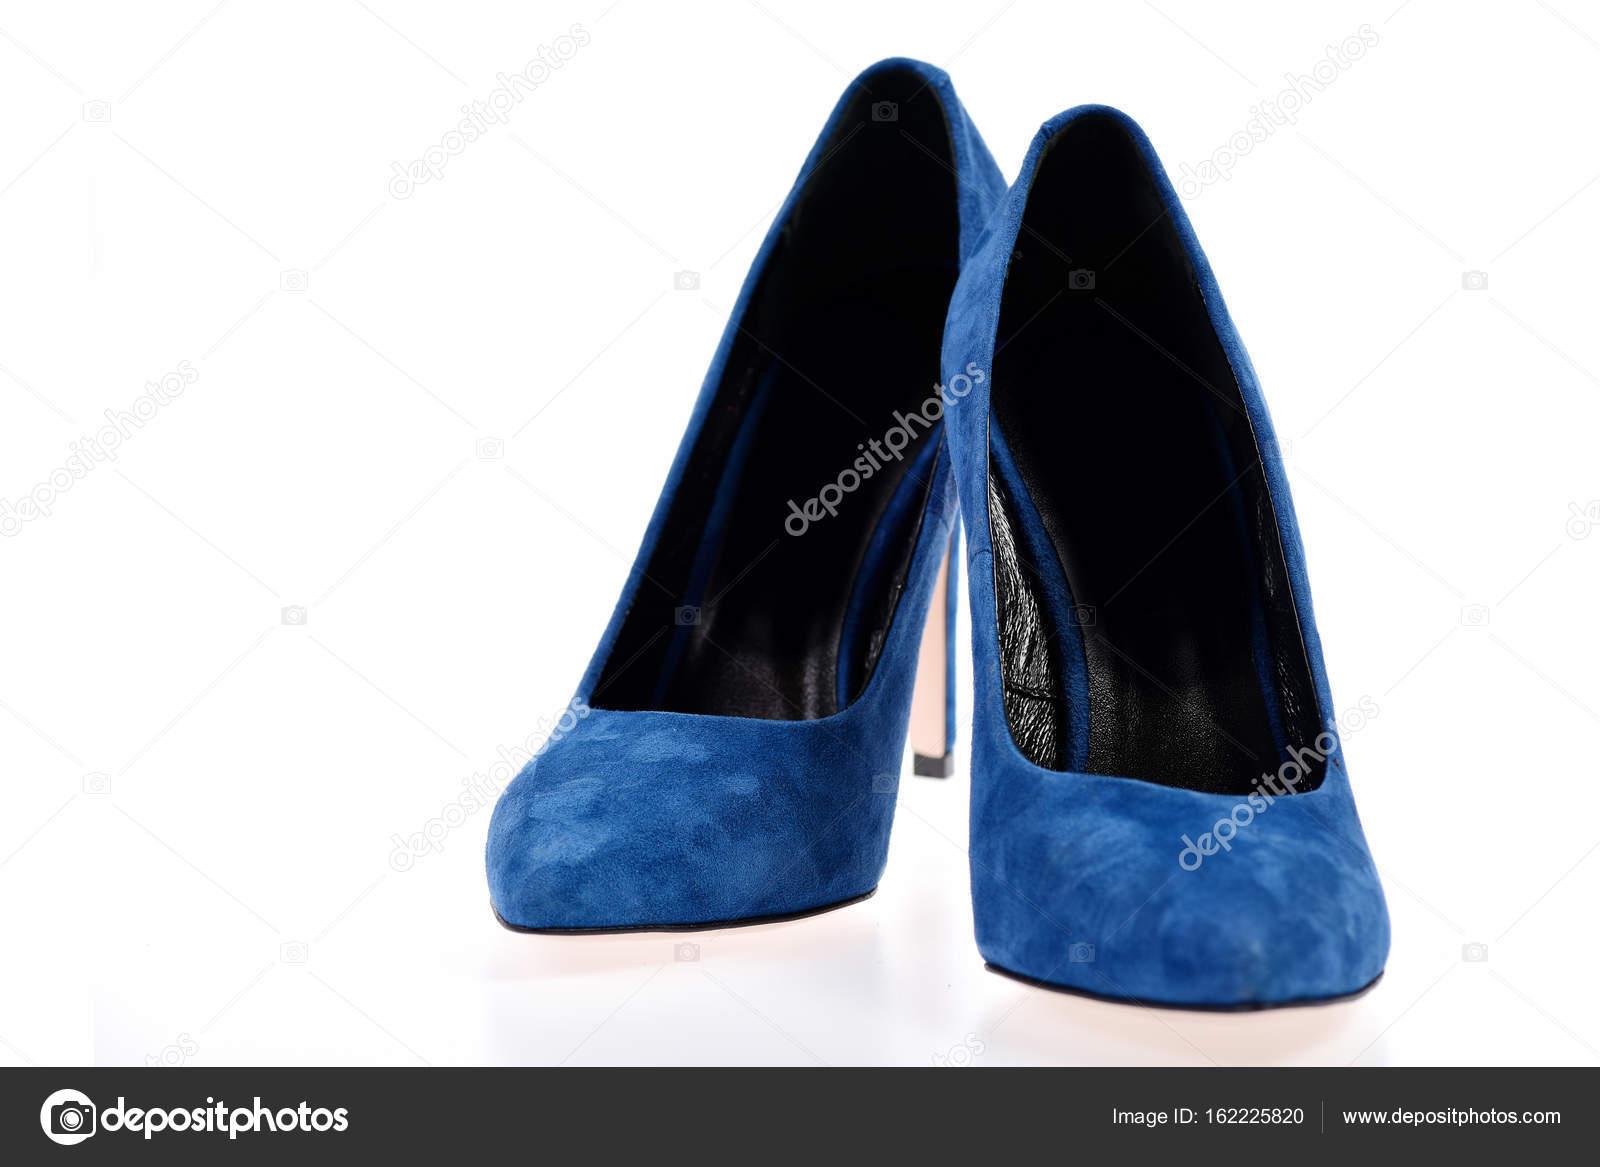 3b17dab60e3d Női hivatalos cipő, közelkép. Képzelet kék cipő elszigetelt fehér  background. Pár kék velúr magassarkú cipő — Fotó szerzőtől ...